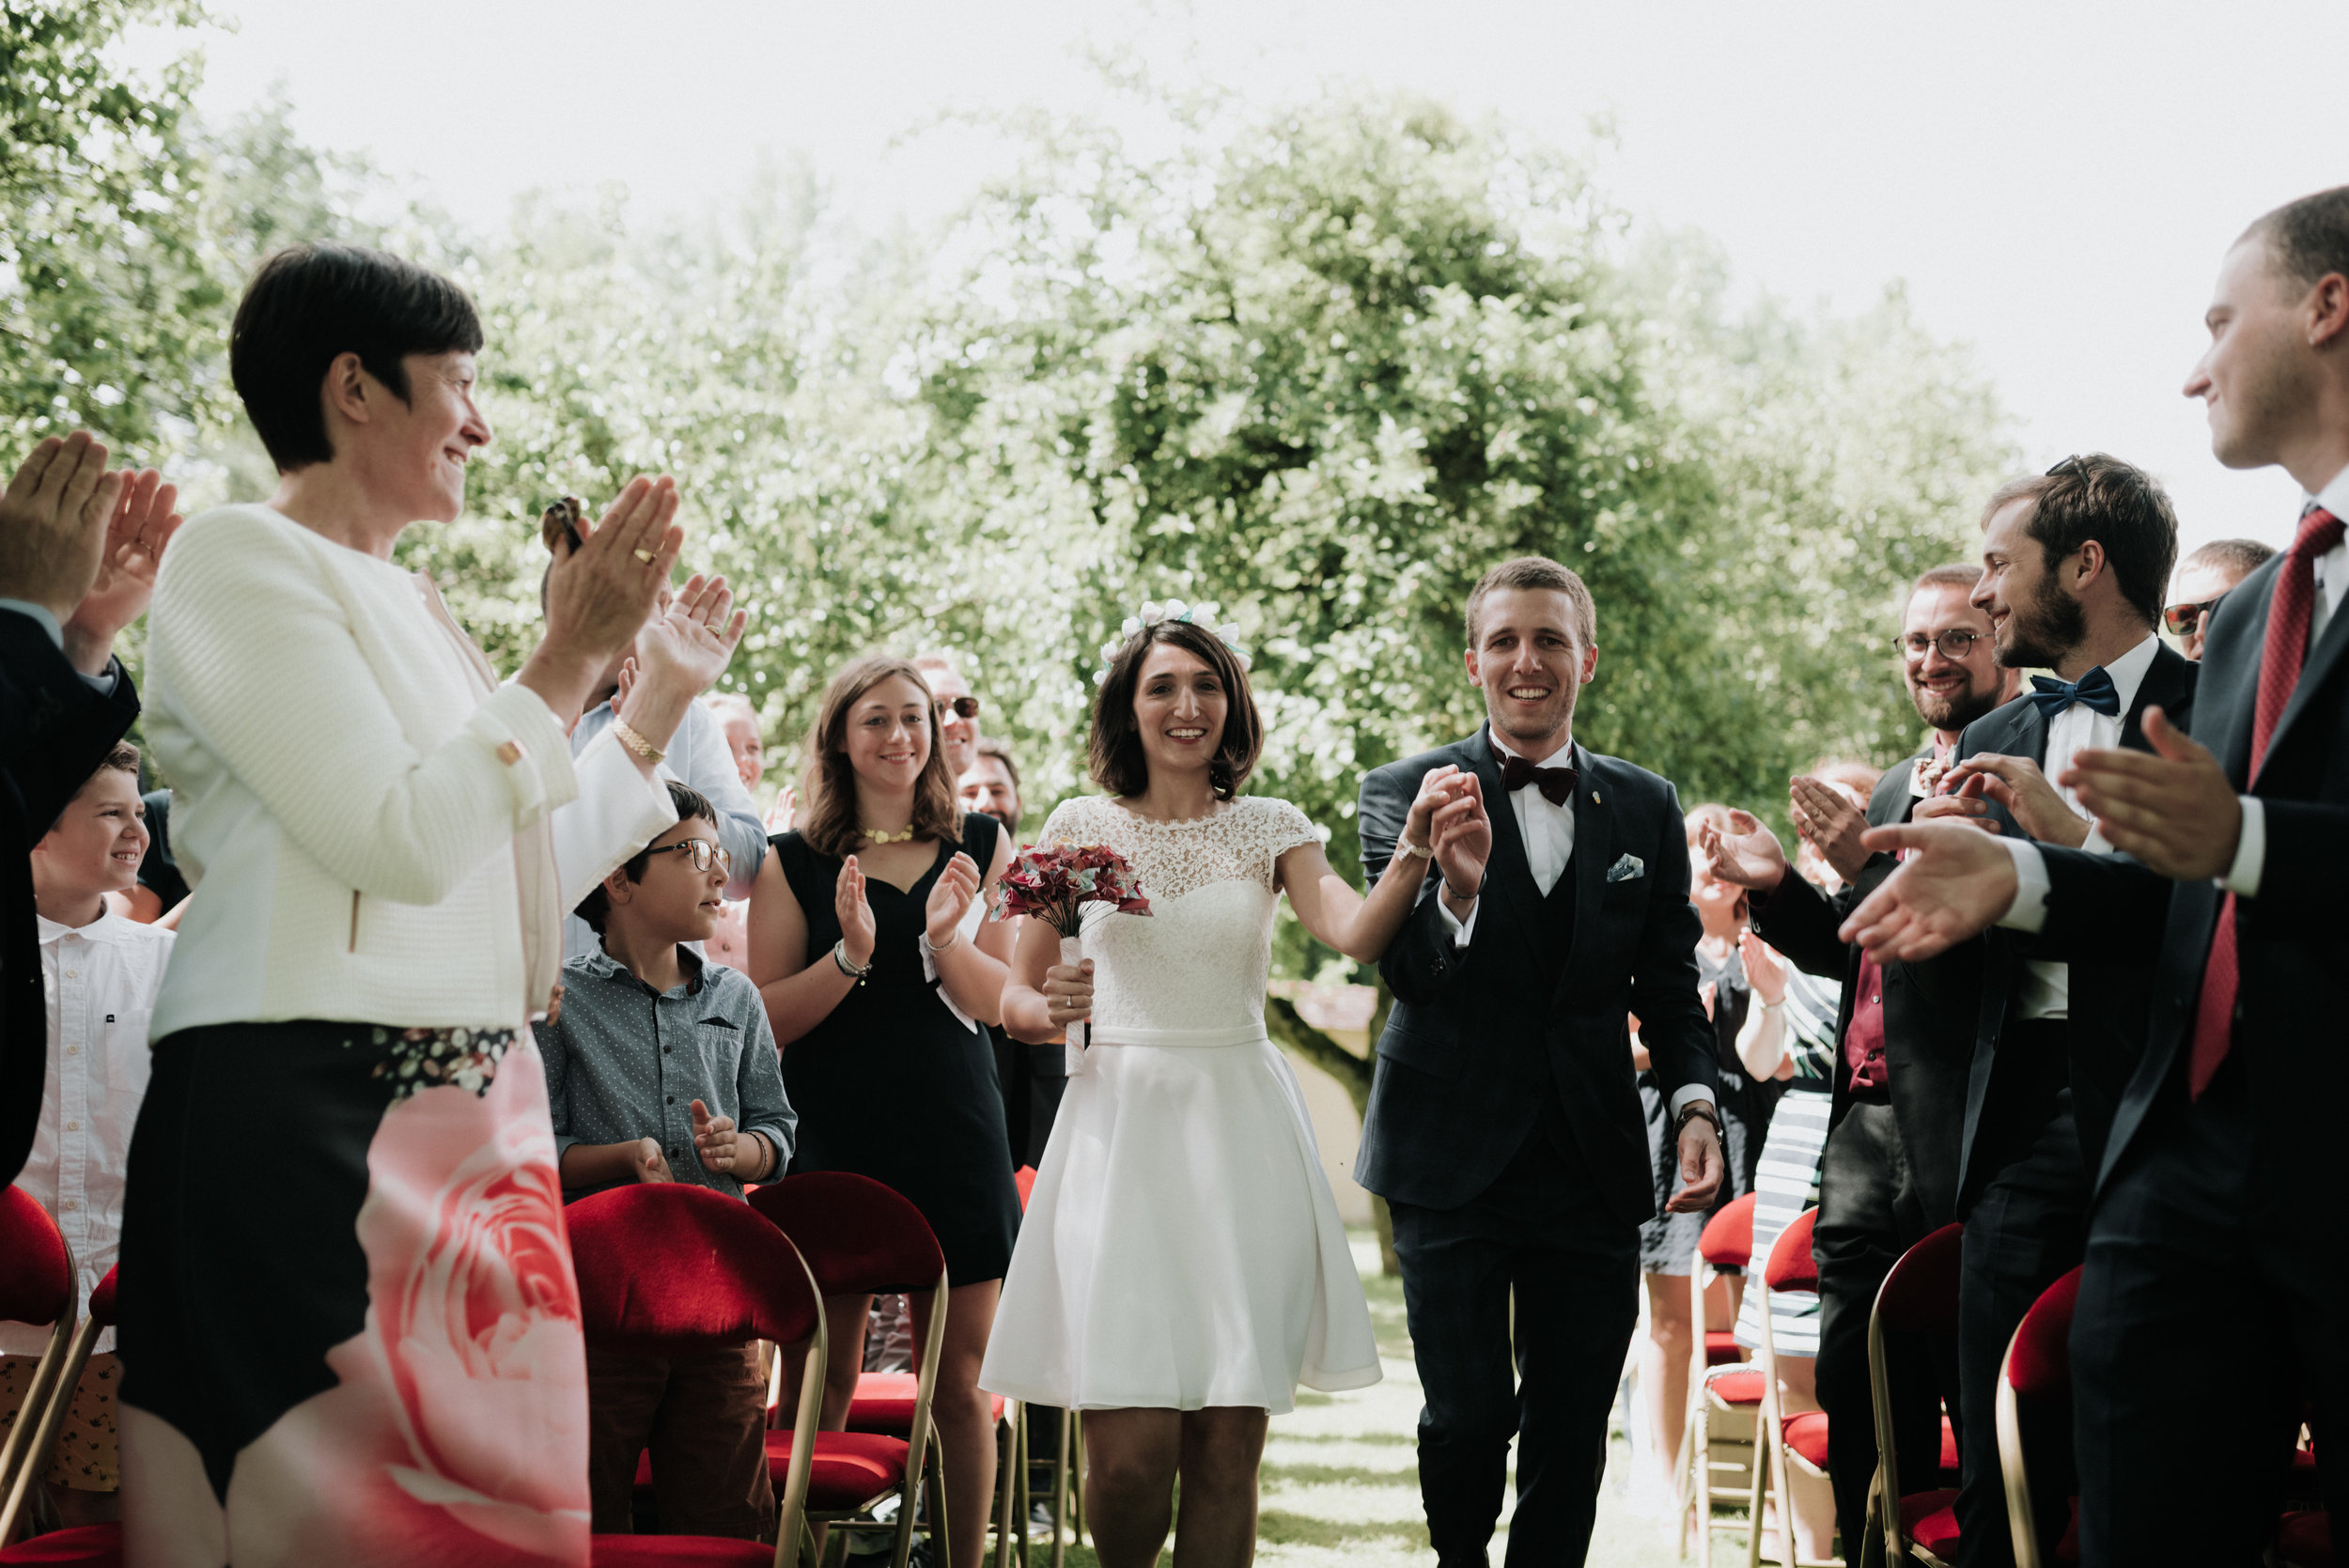 Léa-Fery-photographe-professionnel-lyon-rhone-alpes-portrait-creation-mariage-evenement-evenementiel-famille-2-109.jpg